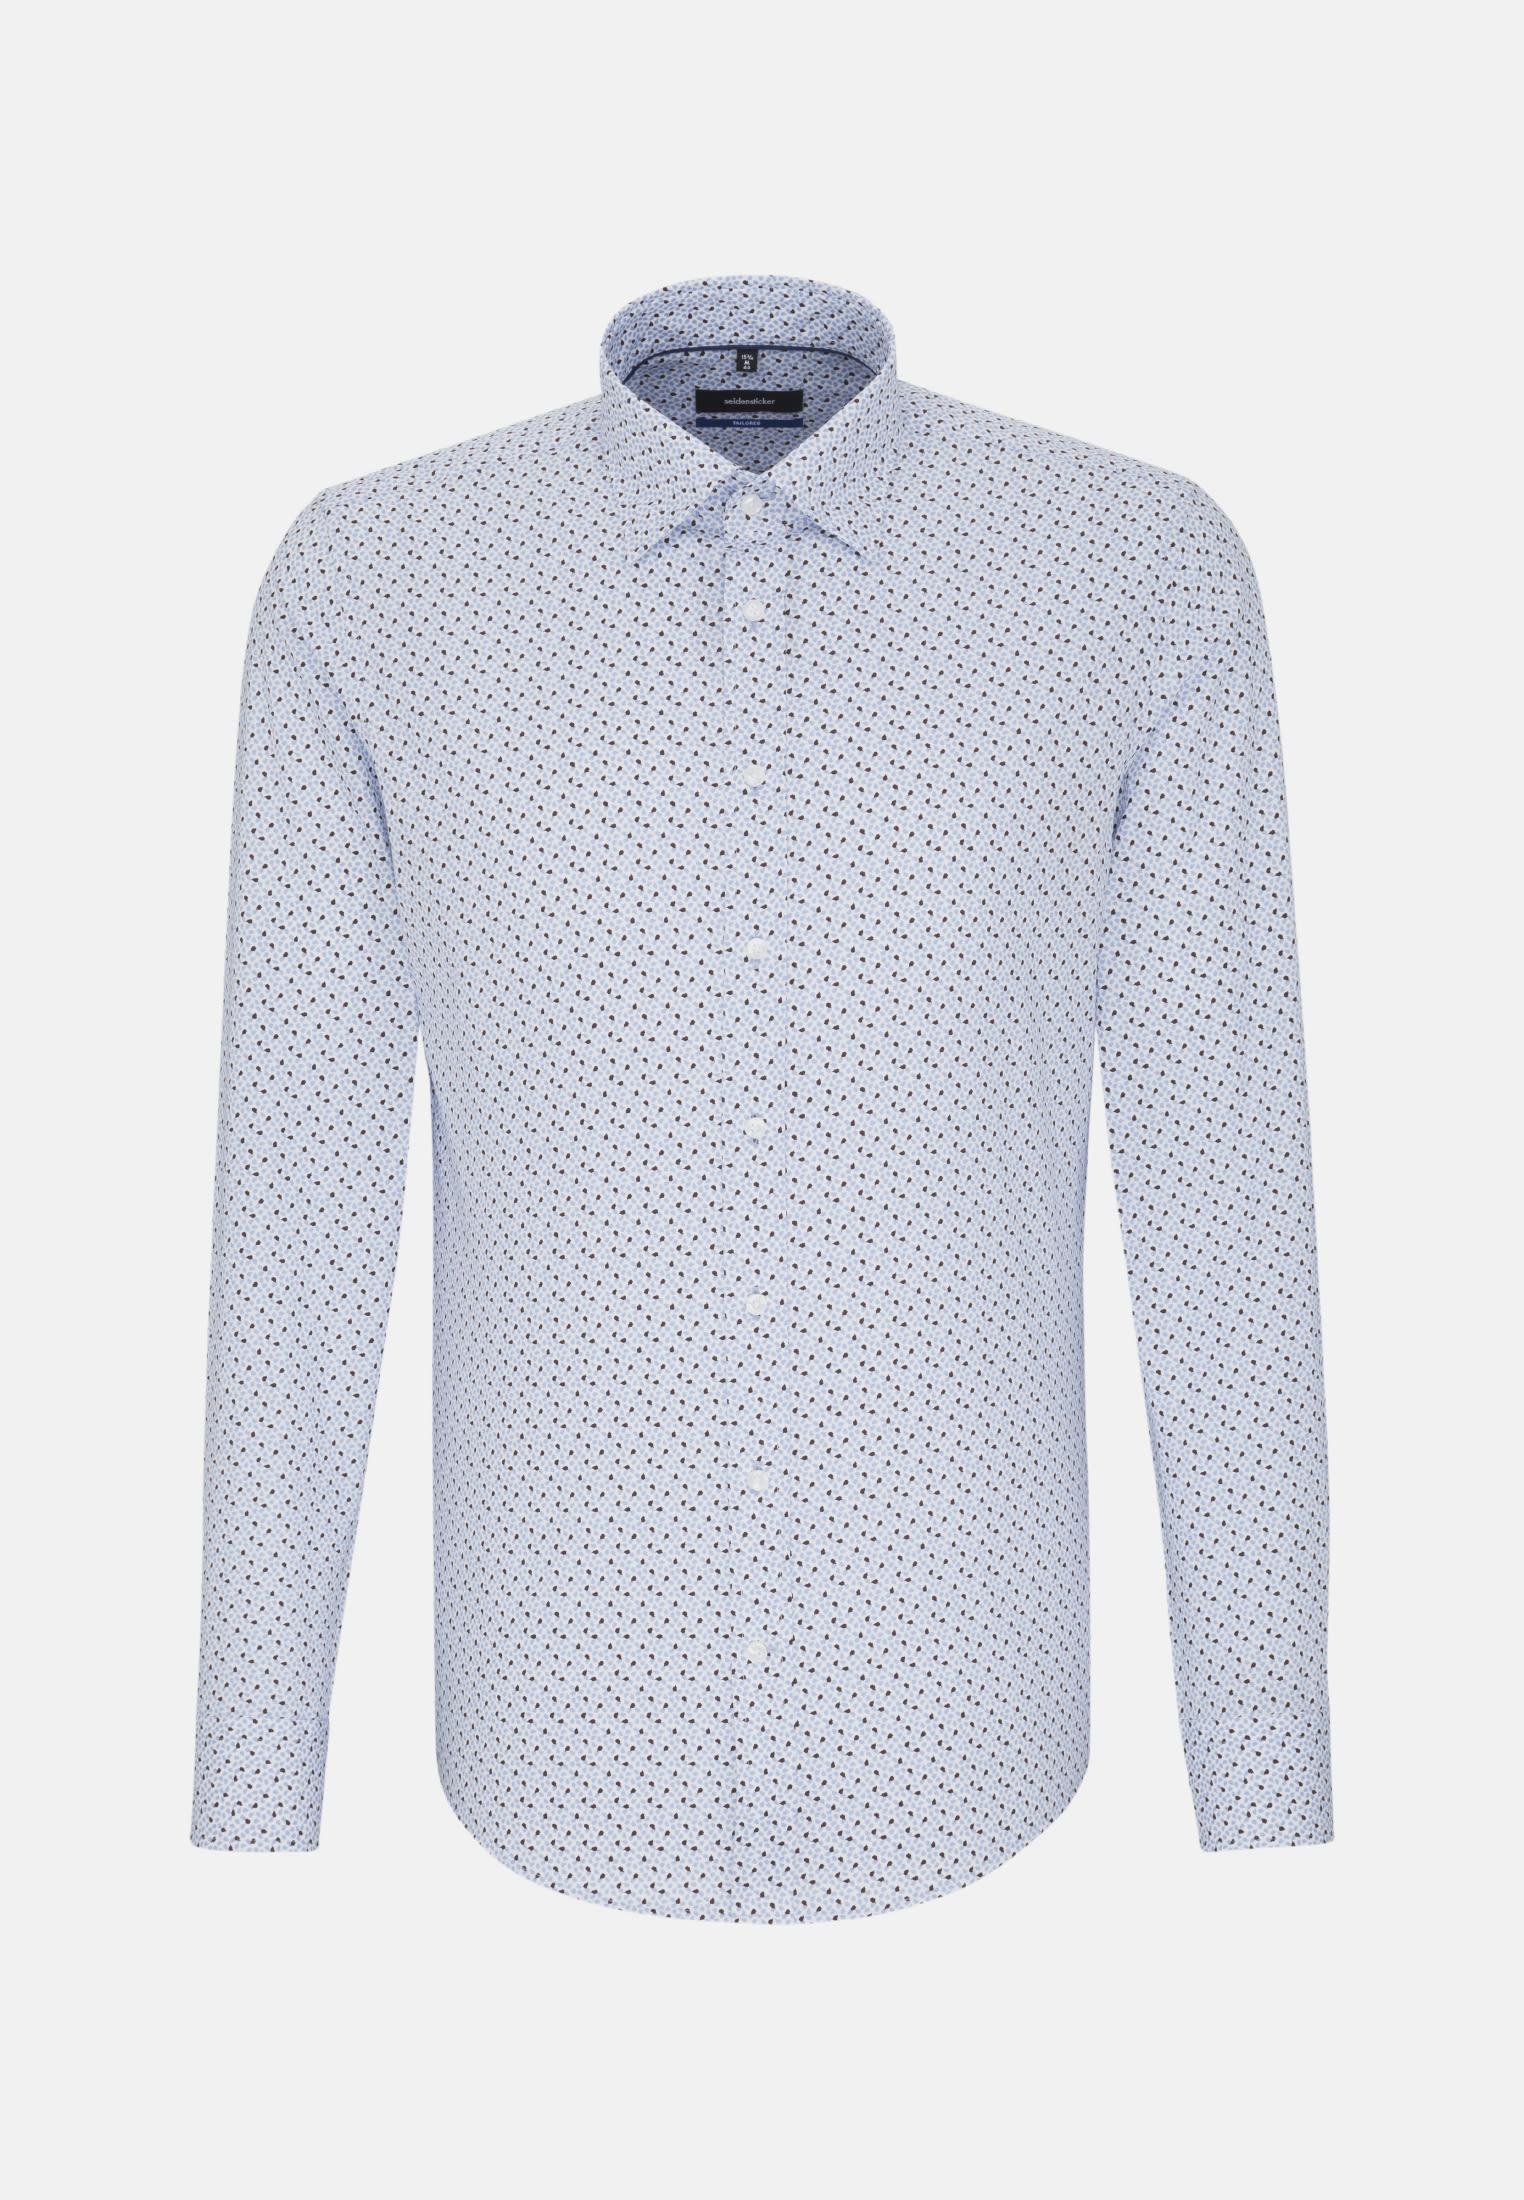 Bügelleichtes Popeline Business Hemd in Shaped mit Covered-Button-Down-Kragen in Hellblau |  Seidensticker Onlineshop